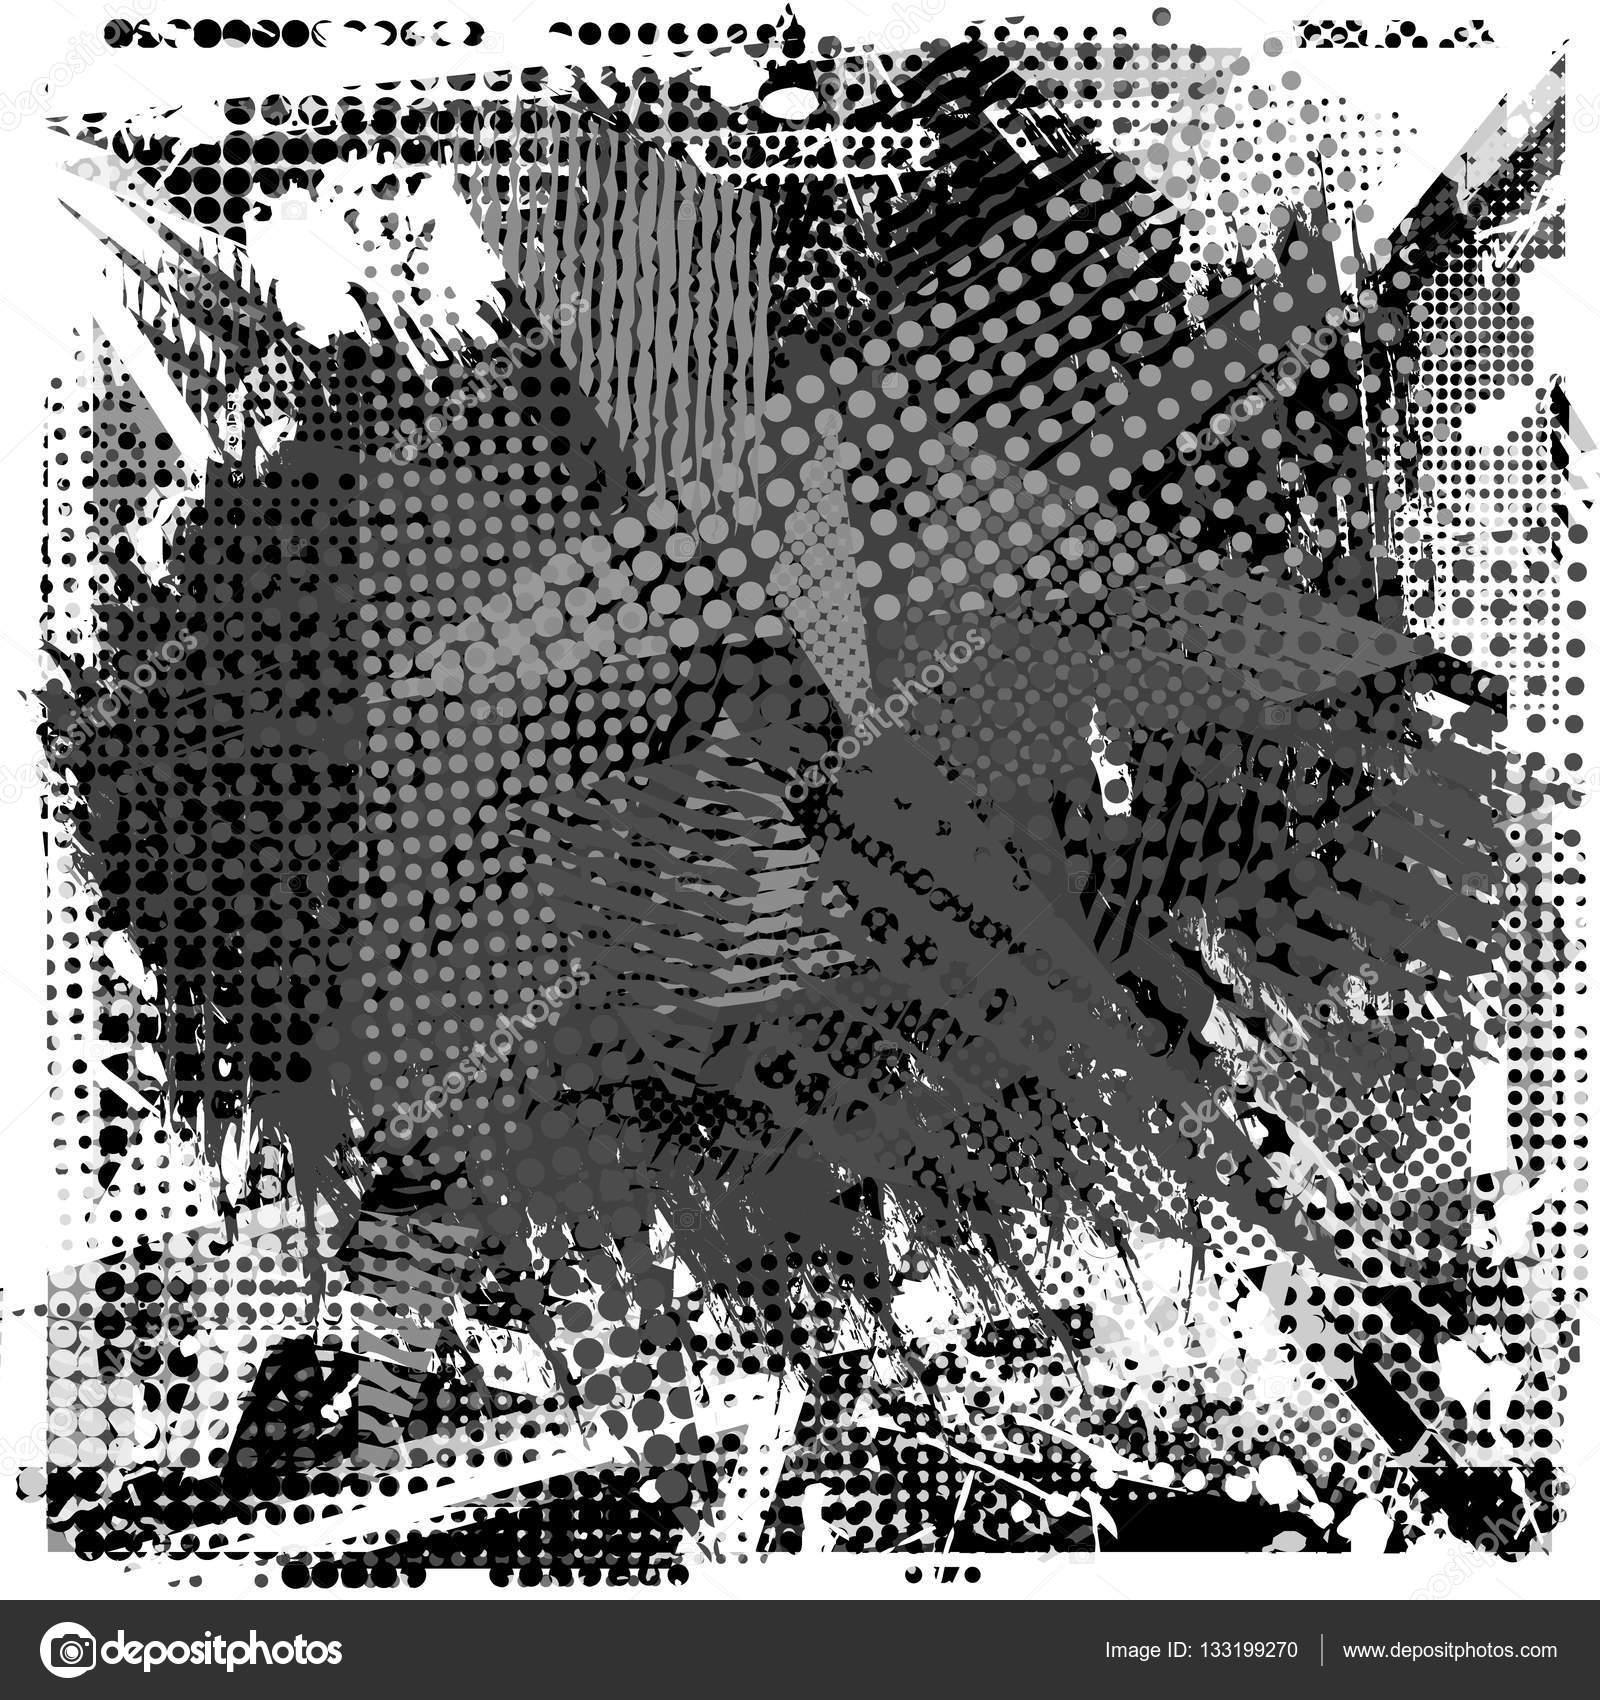 Malen Sie Schlaganfall Textfreiraum Auf Abstrakte Urbane Muster